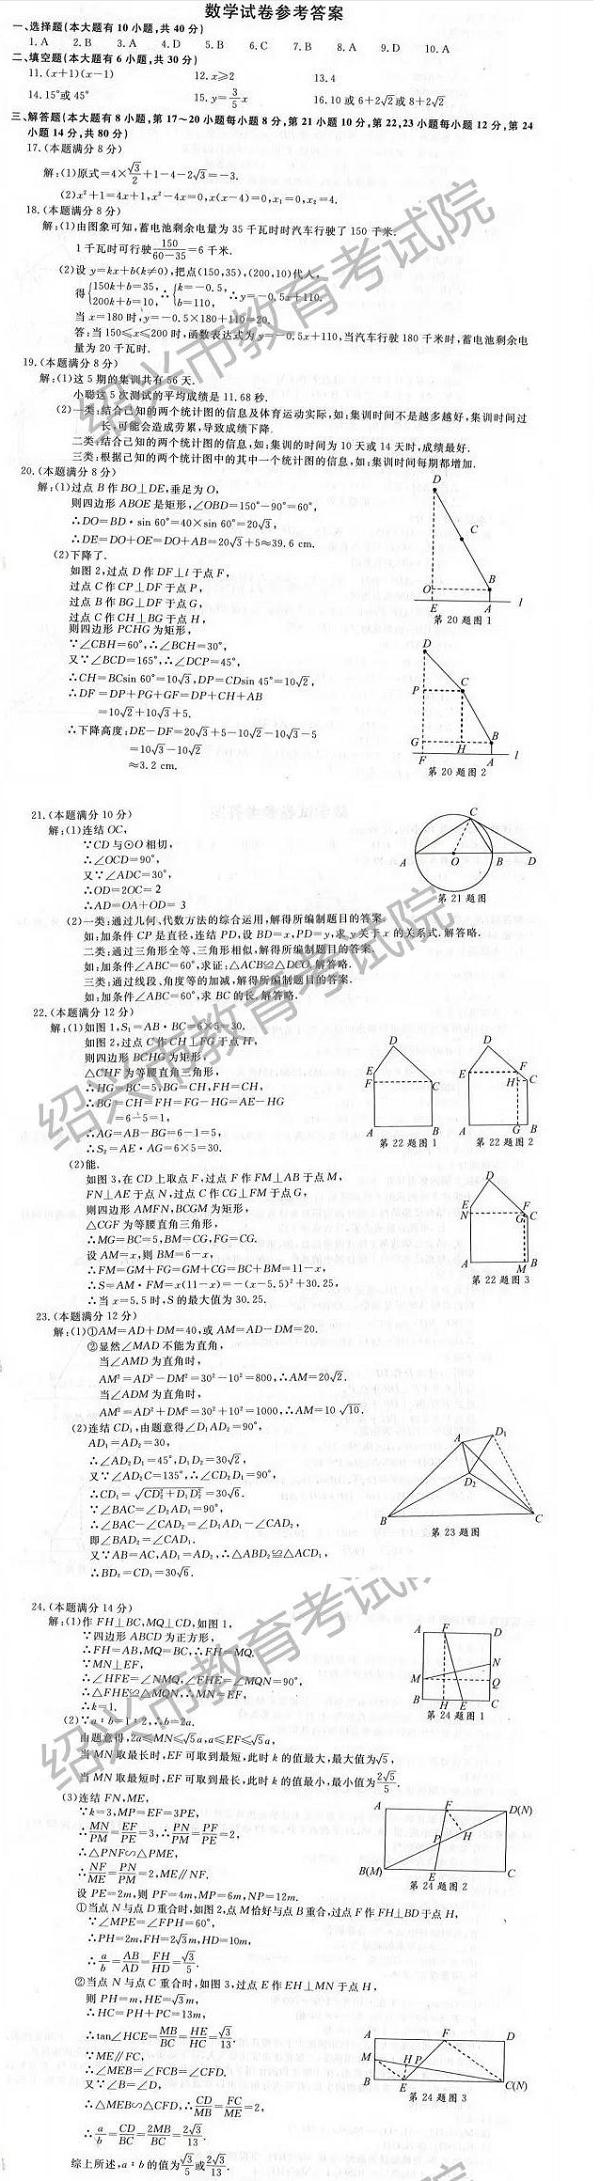 2019浙江紹興中考數學試題及答案